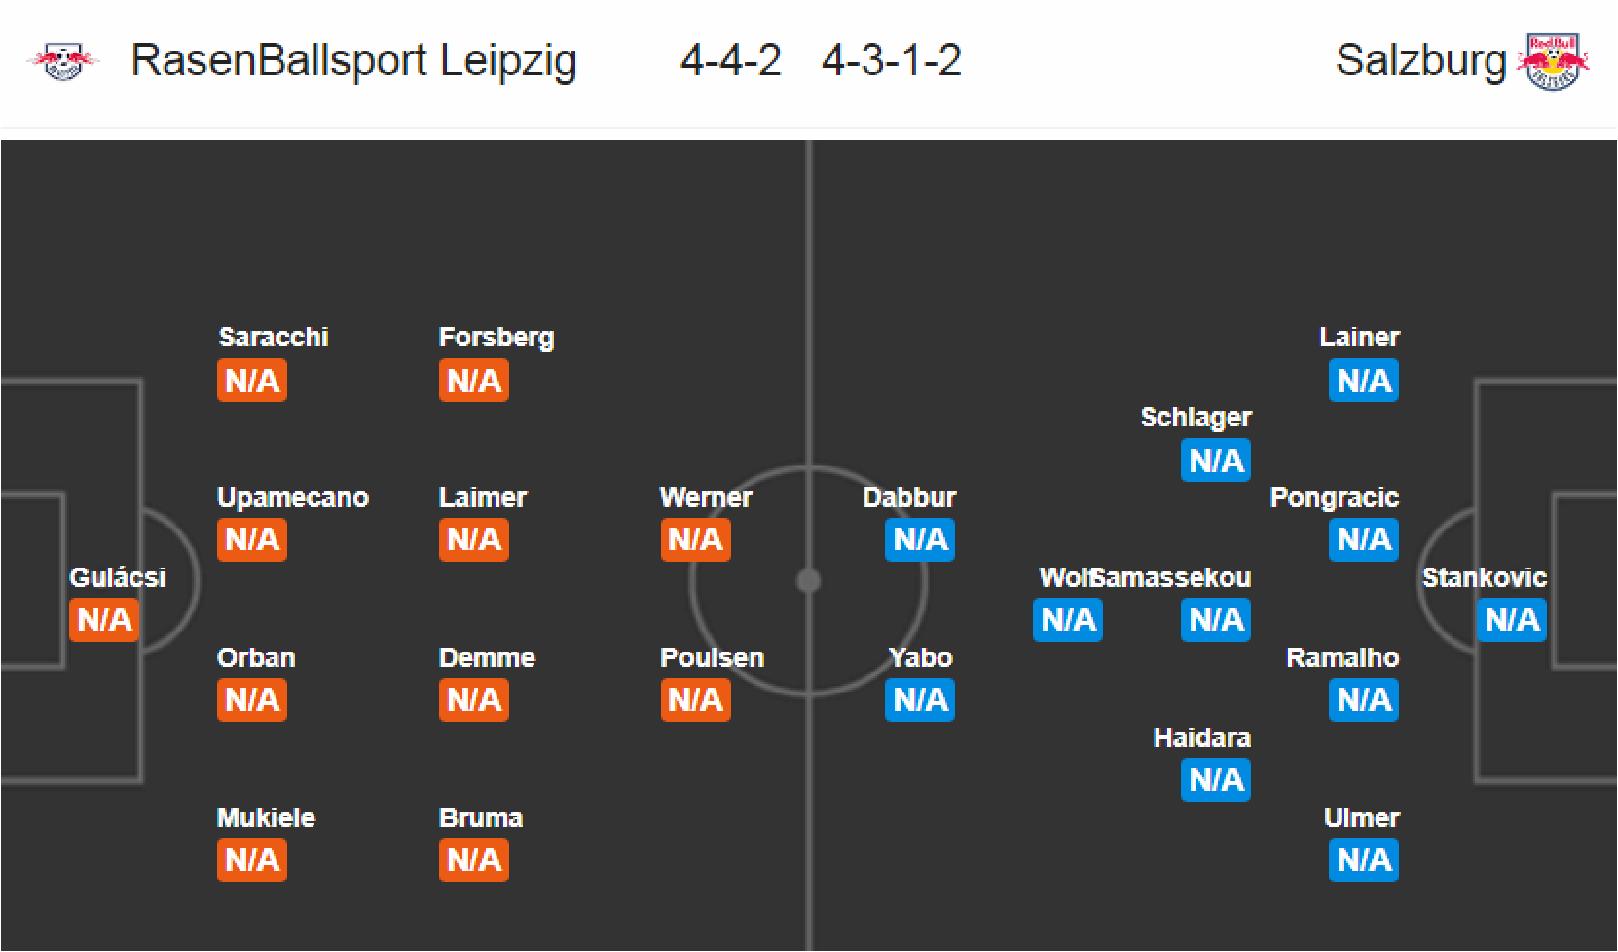 RB Lipsko - Salzburg